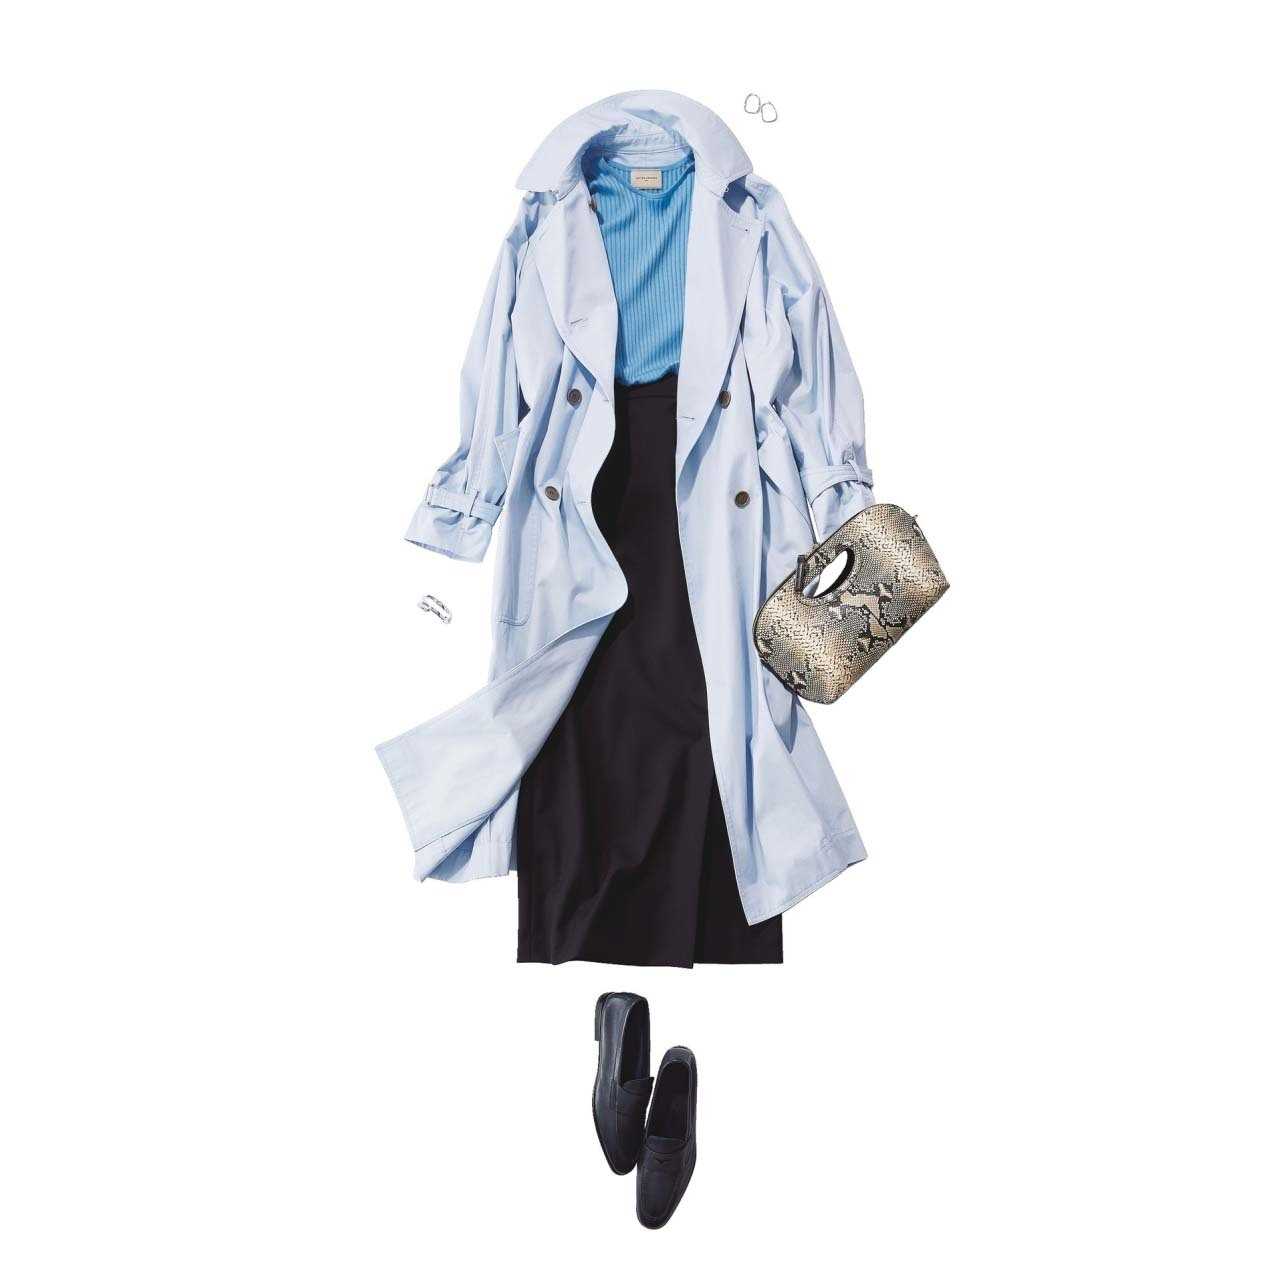 ■ライトブルーのコート×ブルーのニット×タイトスカートコーデ